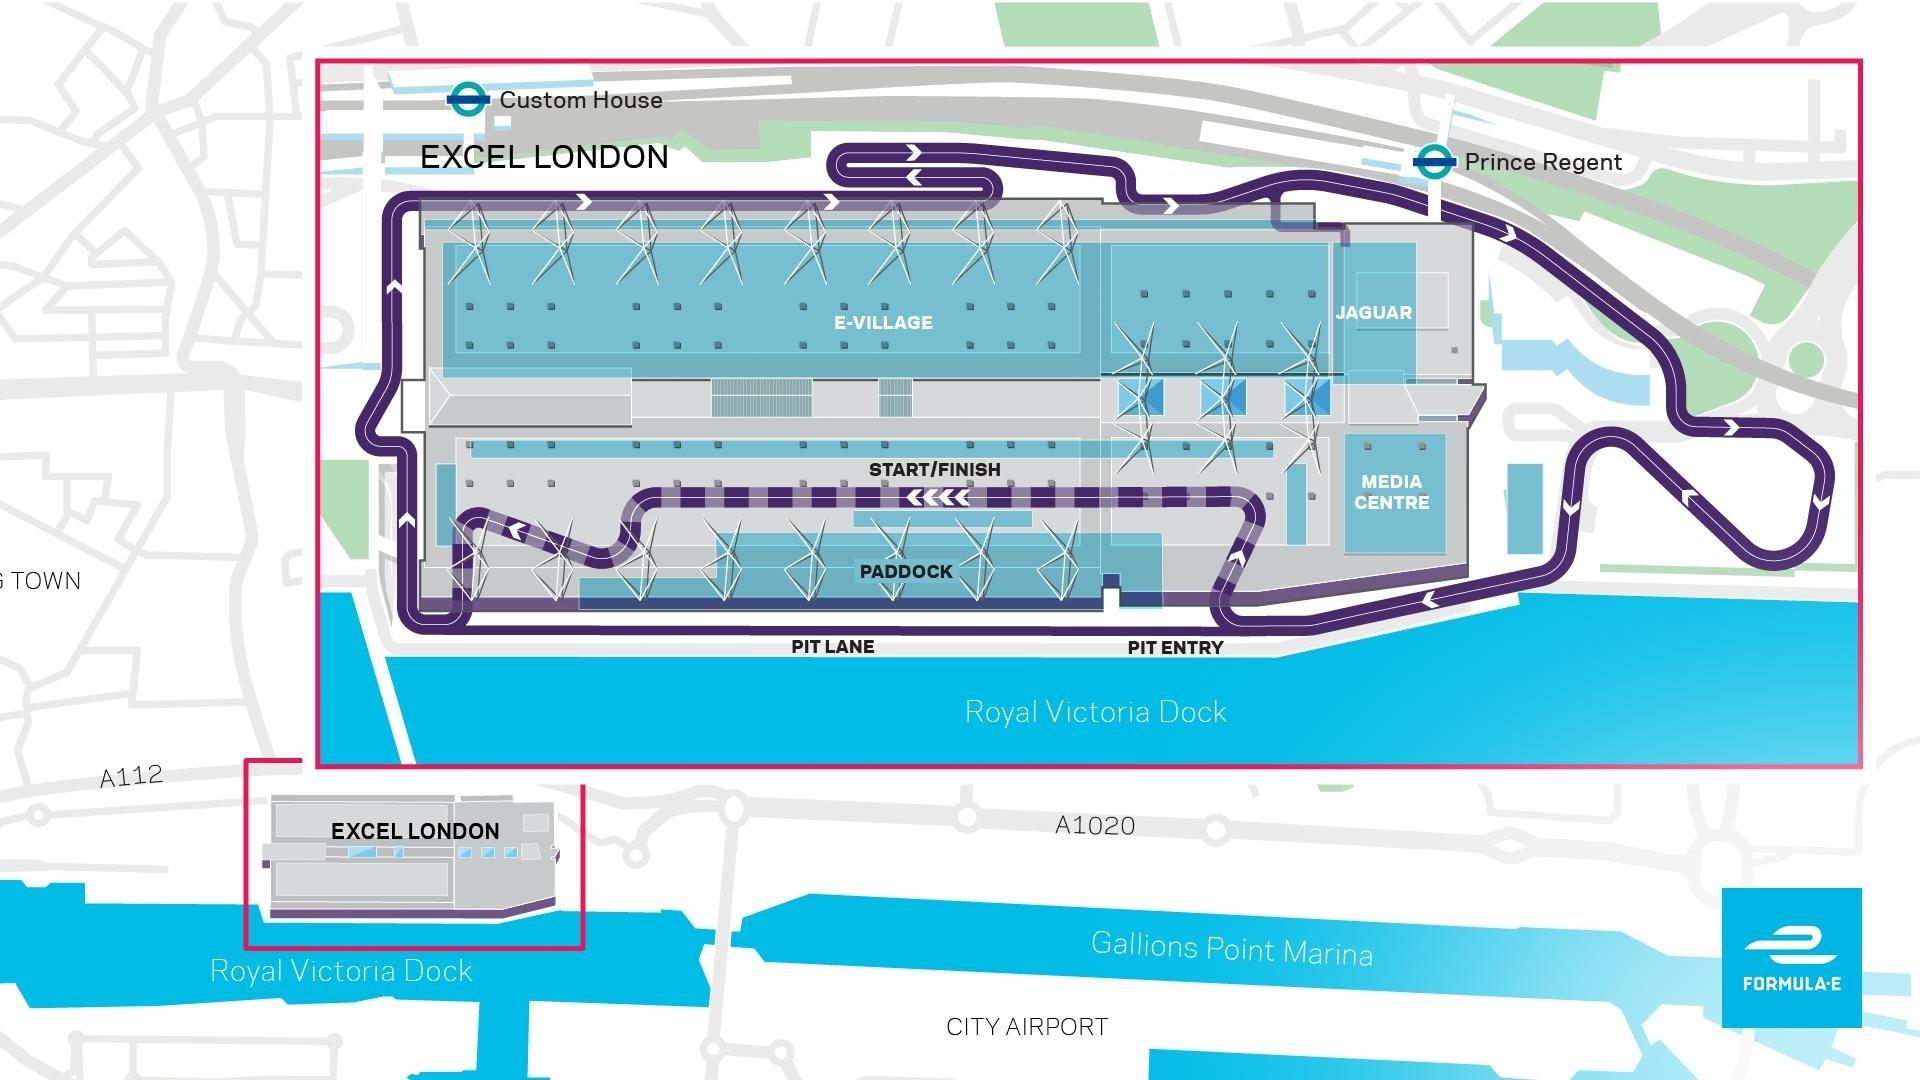 London Back On Calendar For 2020 - E-Racing regarding 2020 Formula E Calendar